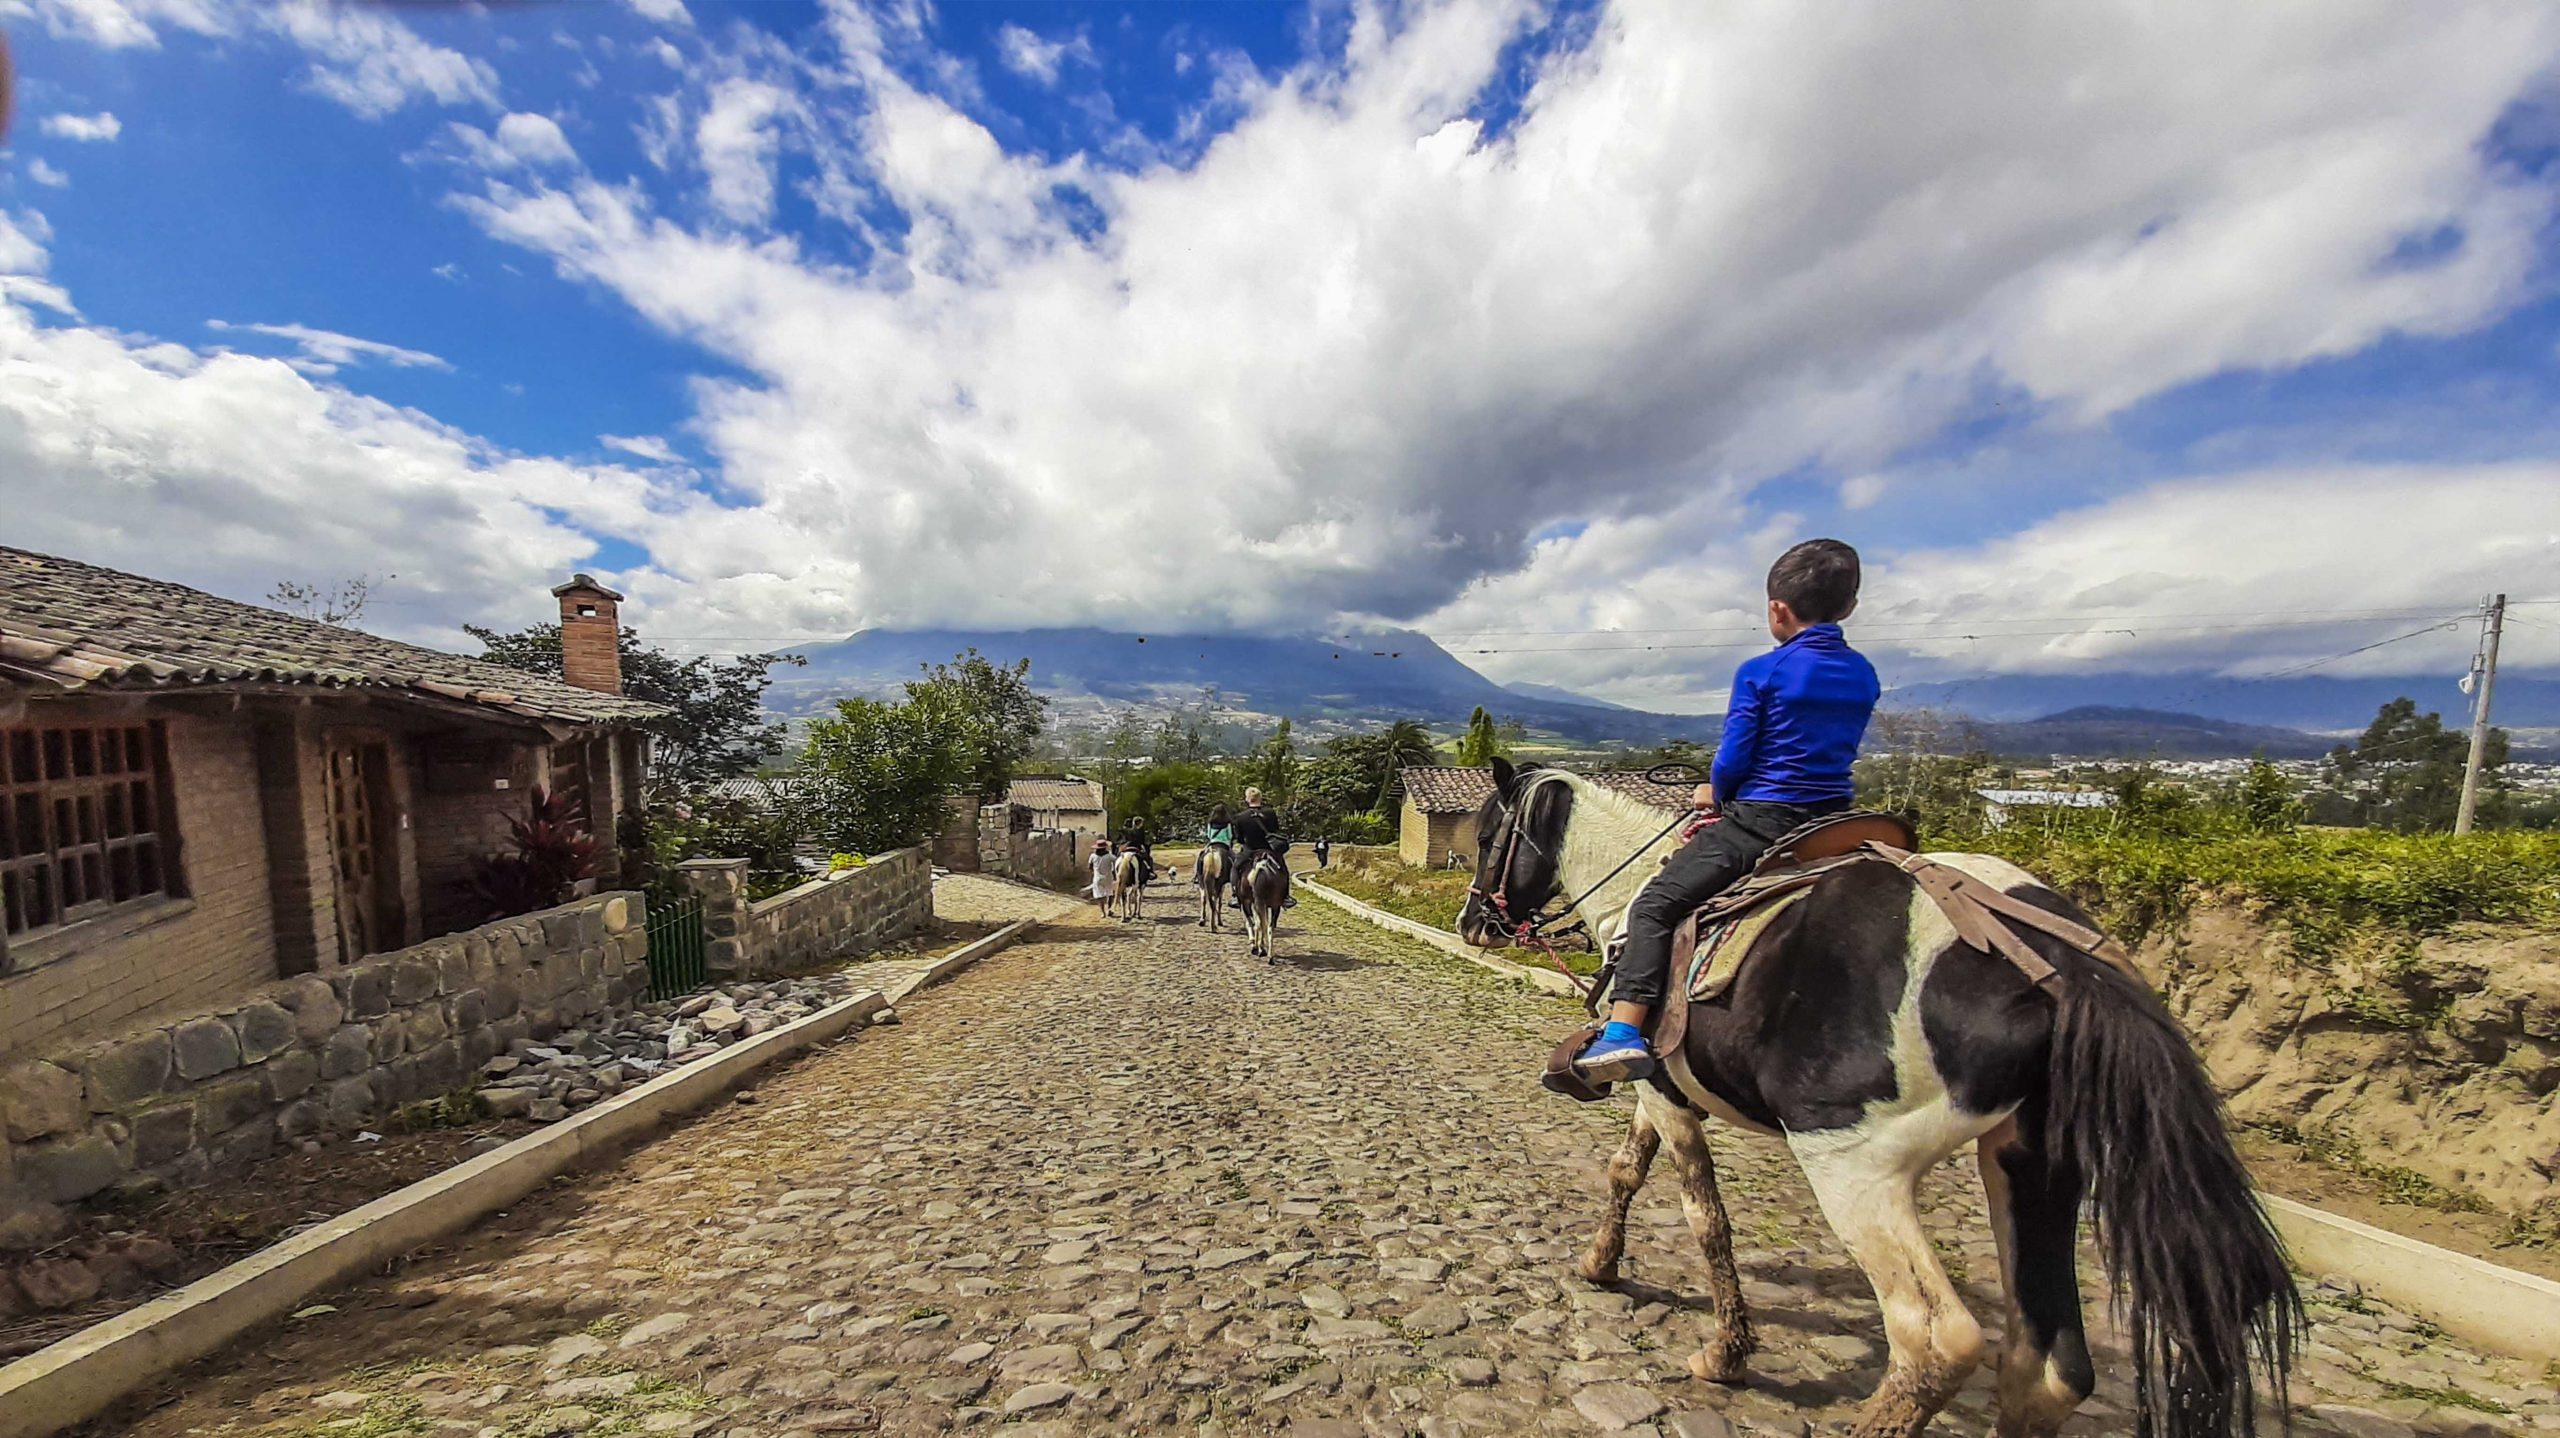 HORSEBACK RIDING COMUNIDAD-LA-CALERA